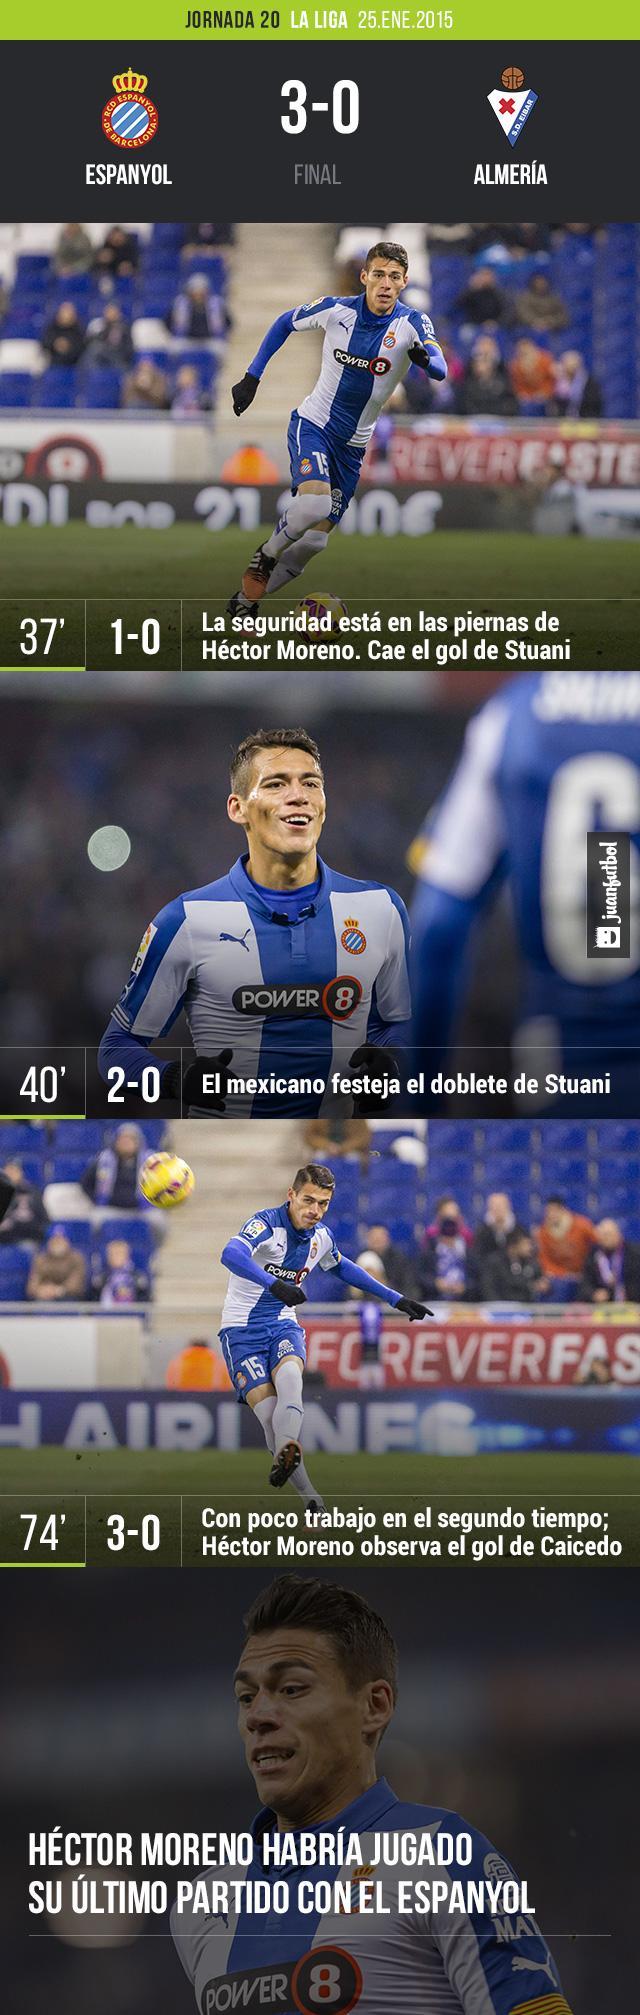 El Espanyol venció 3-0 al Almería con Héctor Moreno los 90 minutos